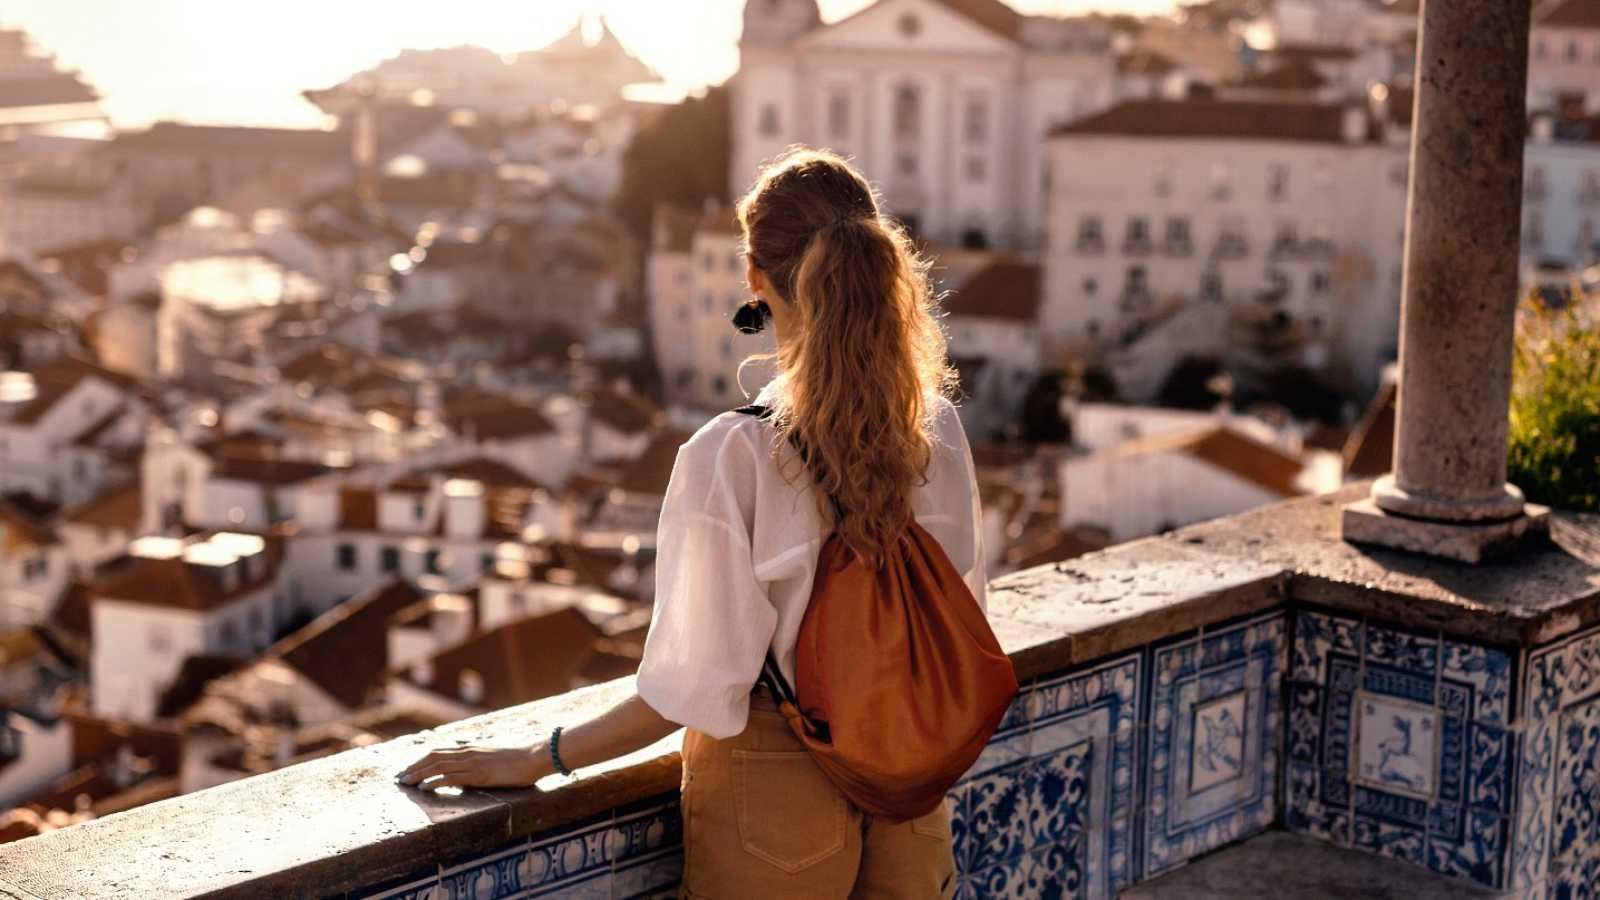 El sector turístico sufre pérdidas de hasta 100.000 millones de euros por el coronavirus